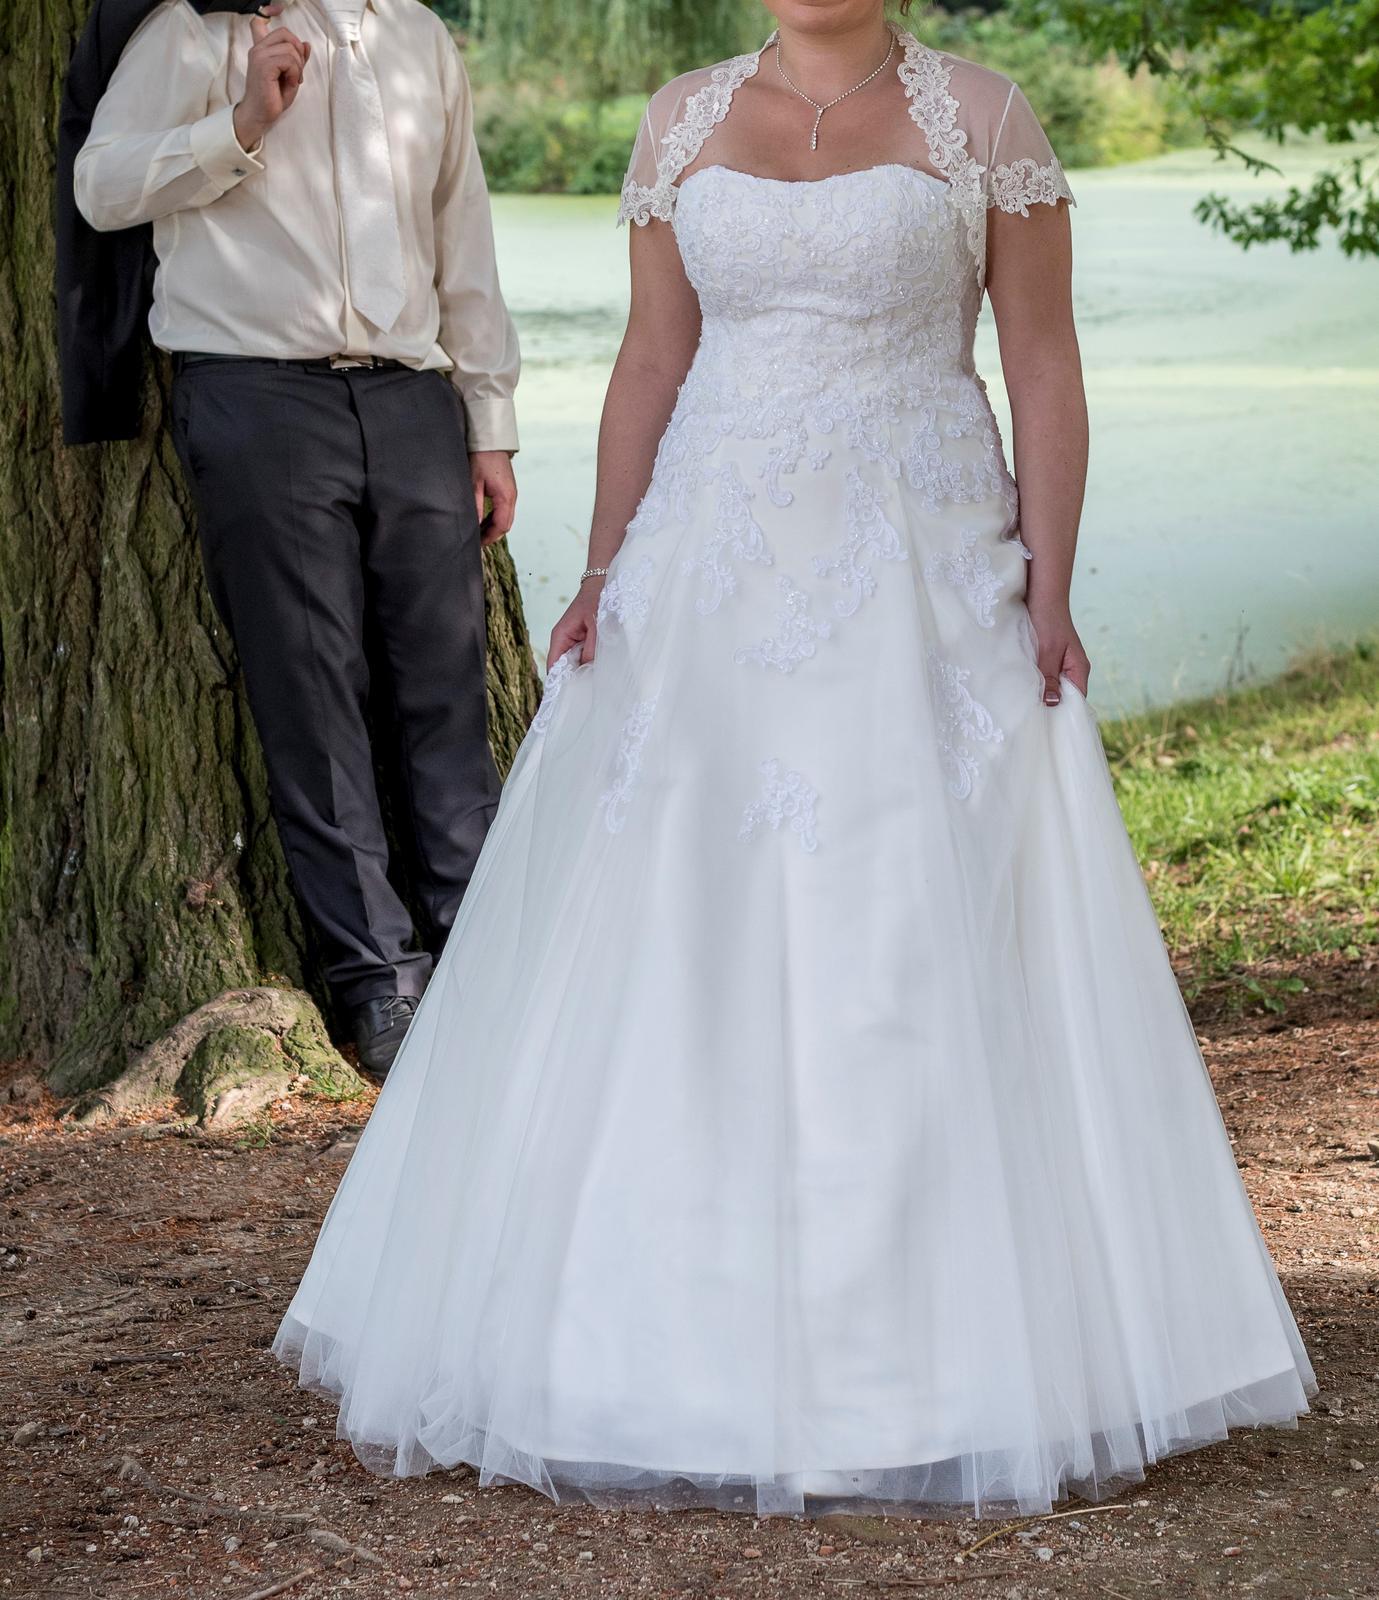 Svatební šaty s doplňky - Obrázek č. 1